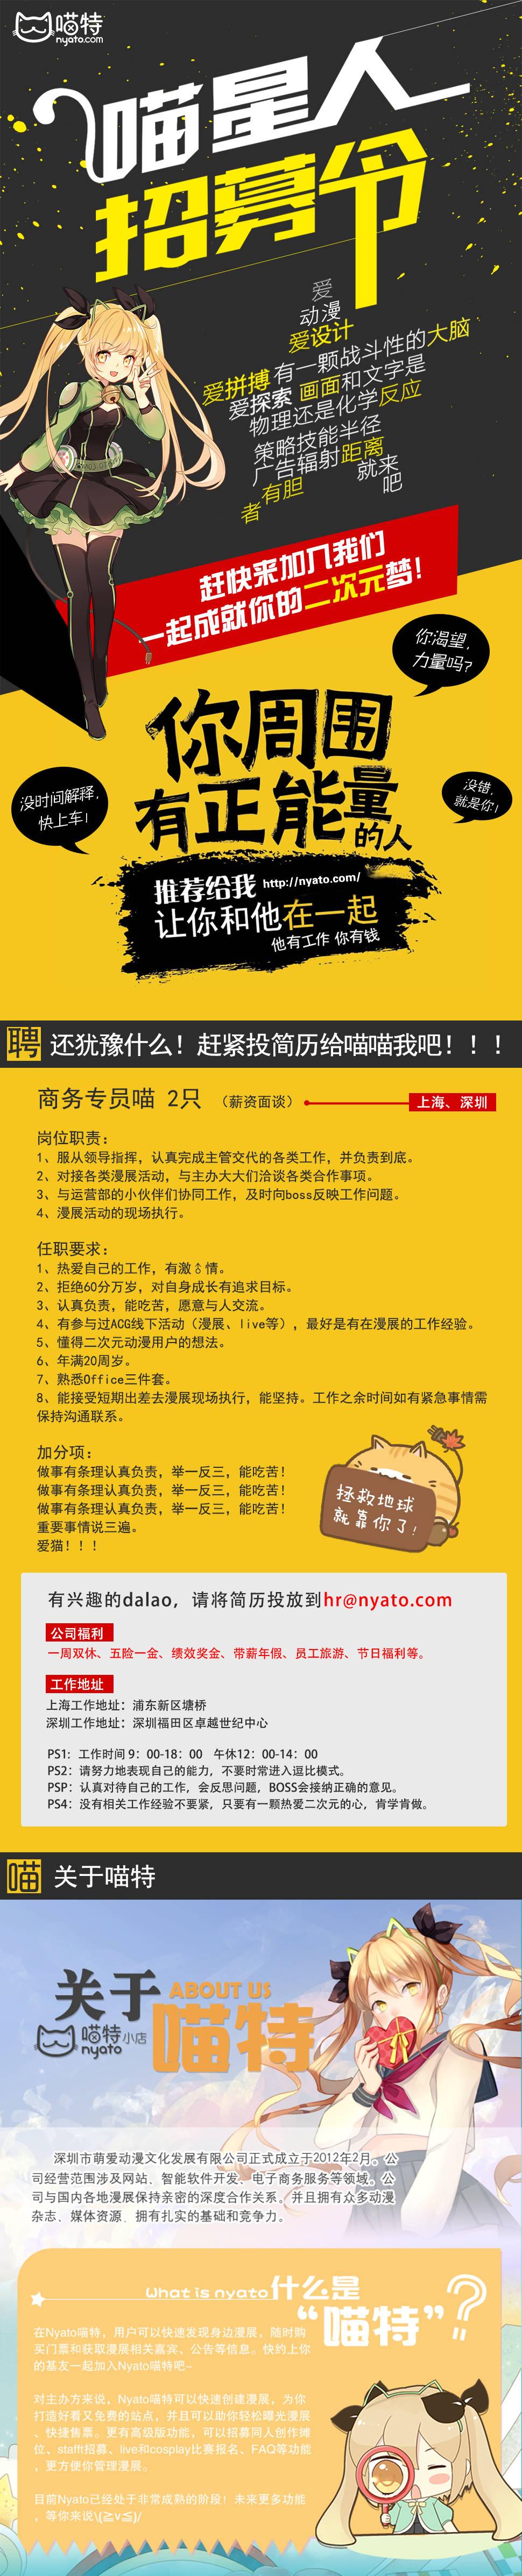 20180130 喵特招聘上海。深圳.jpg